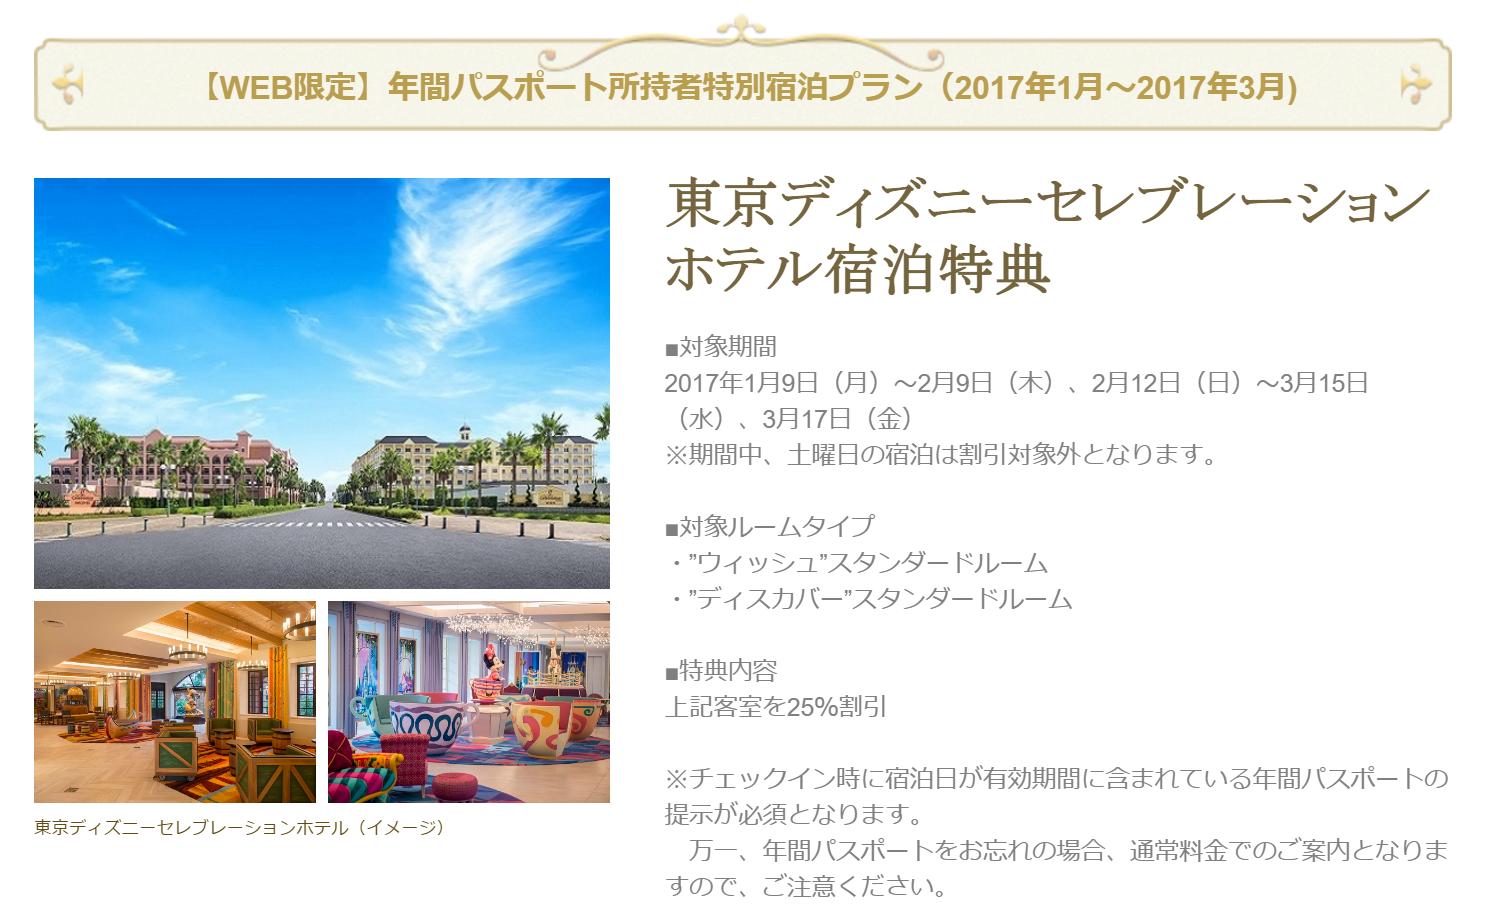 東京ディズニーセレブレーションホテル宿泊特典